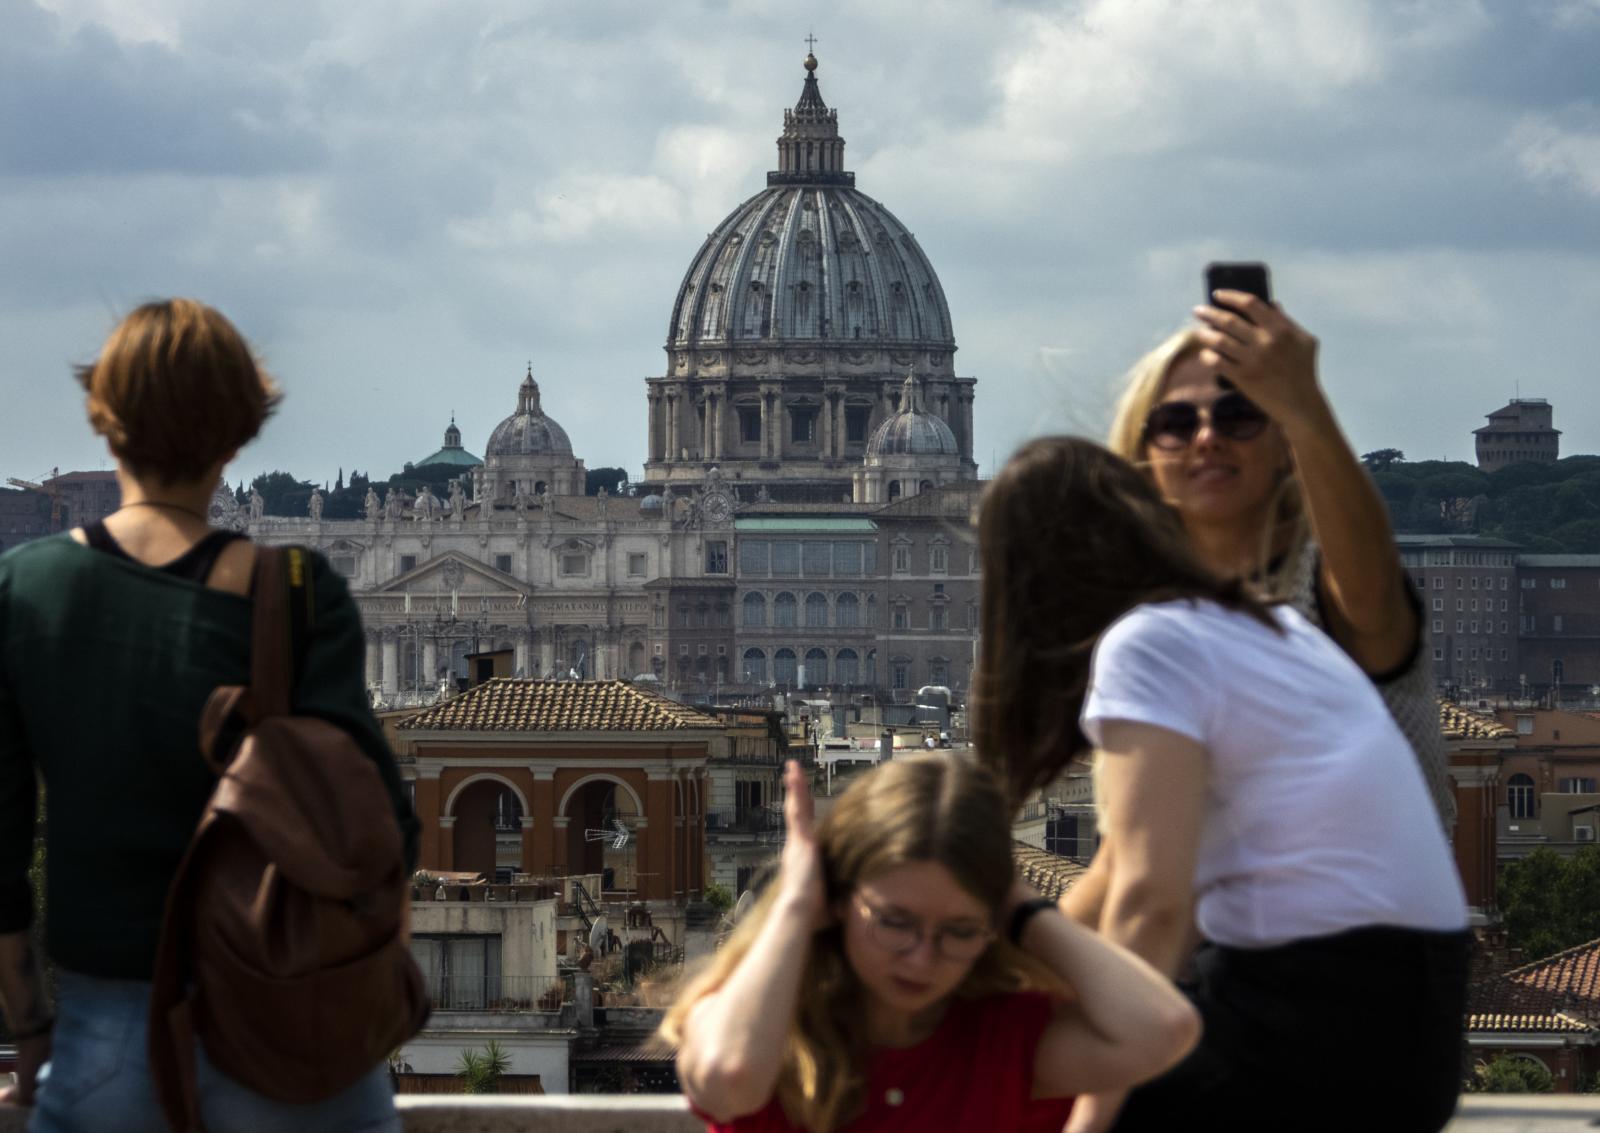 """50 อันดับประเทศ """"อันตราย"""" สำหรับผู้หญิงที่ชอบท่องเที่ยวคนเดียว"""